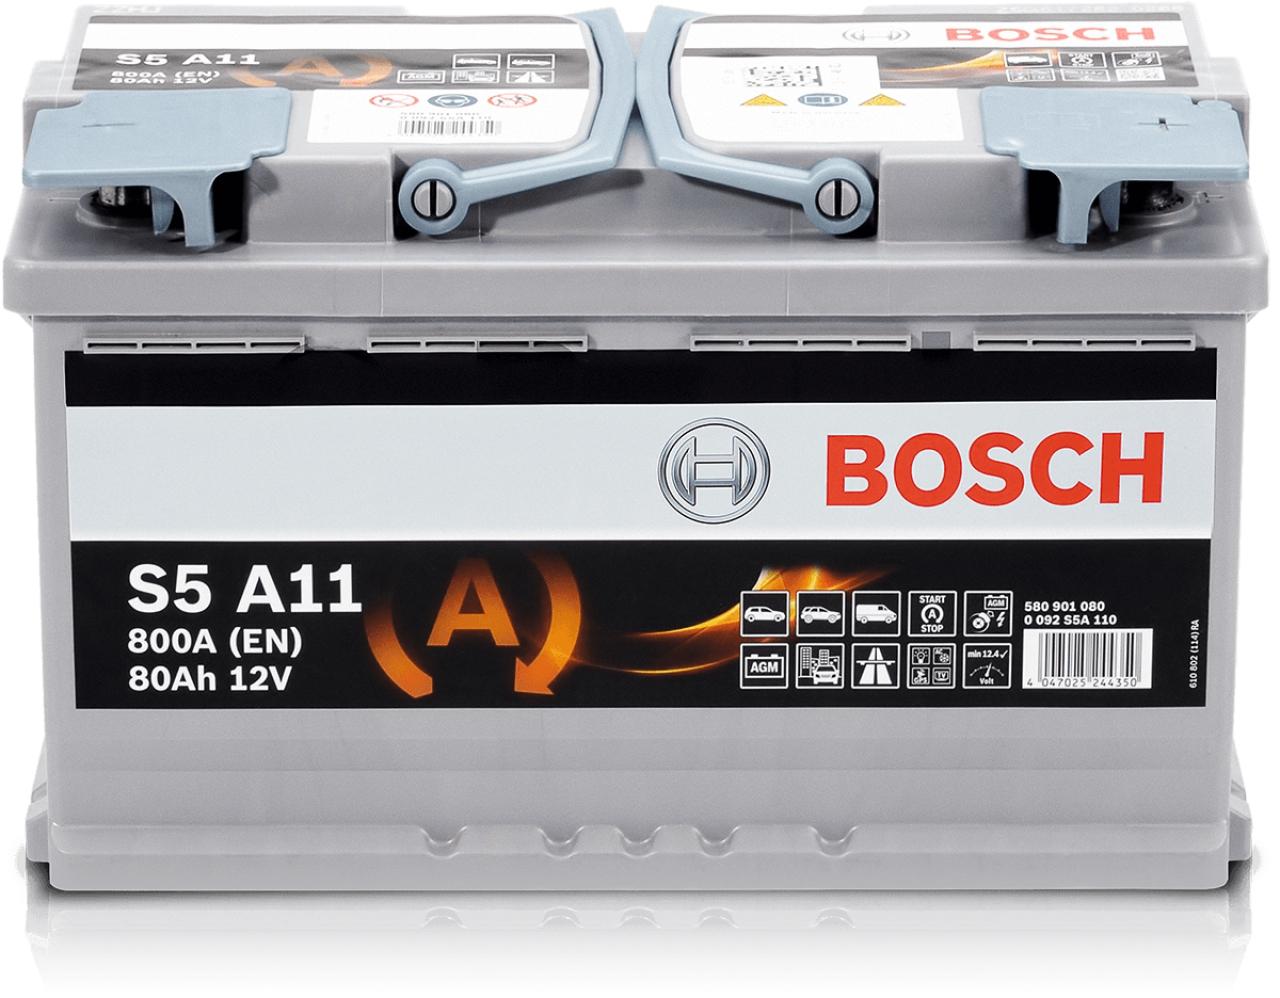 Bosch S5 A11